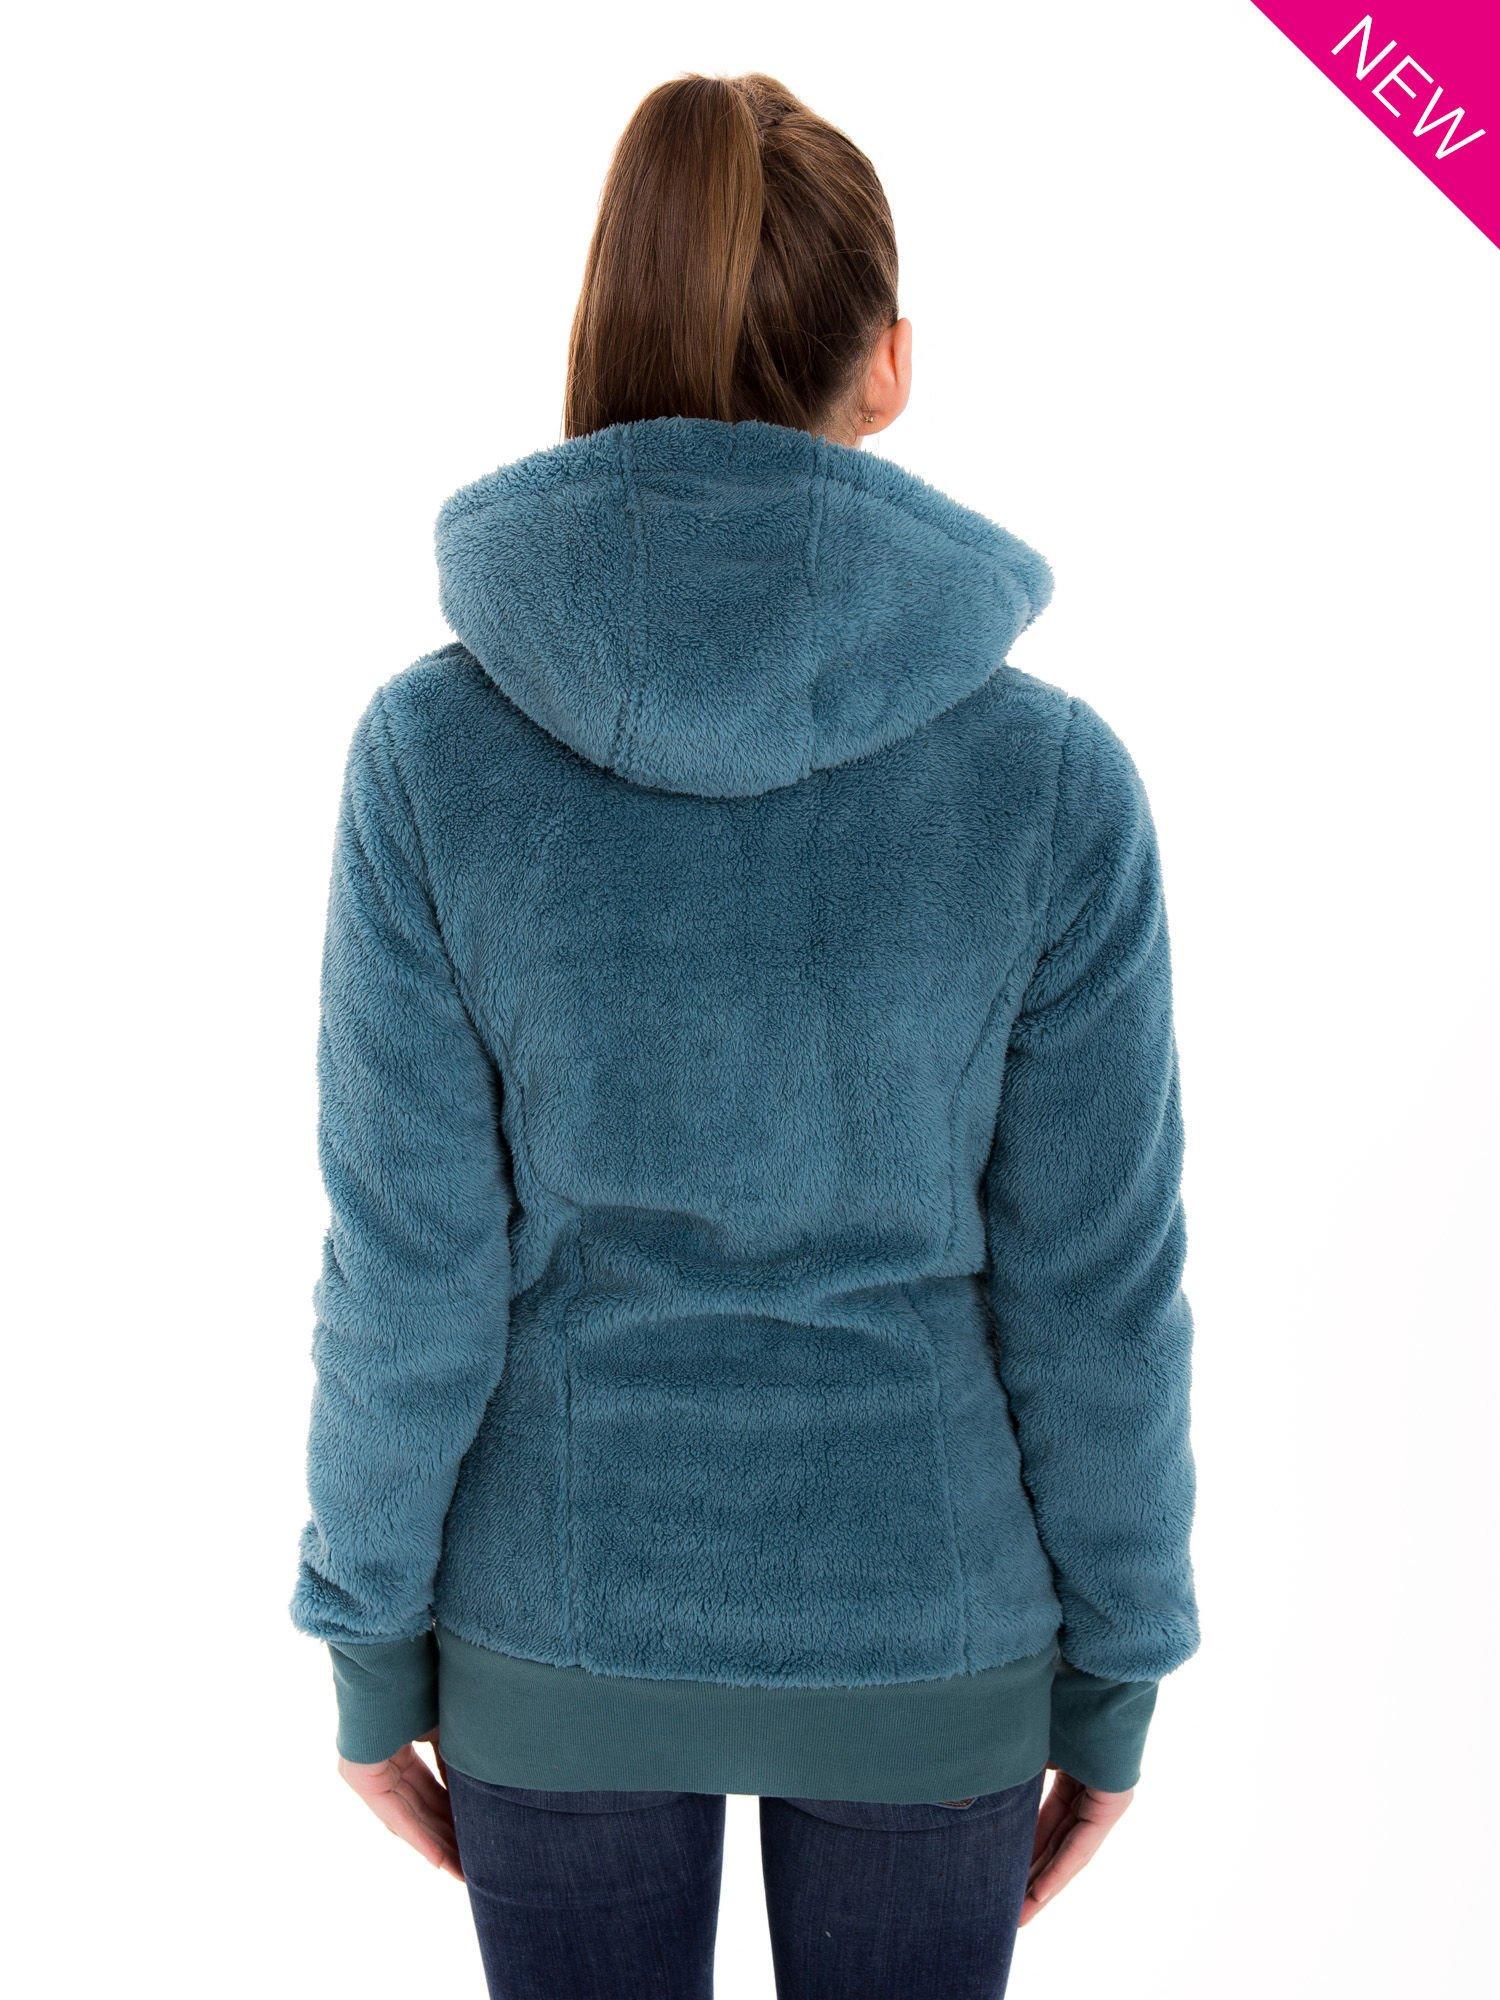 Ciemnoniebieska bluza futerkowa z kapturem i rękawami z otworem na kciuk                                  zdj.                                  2